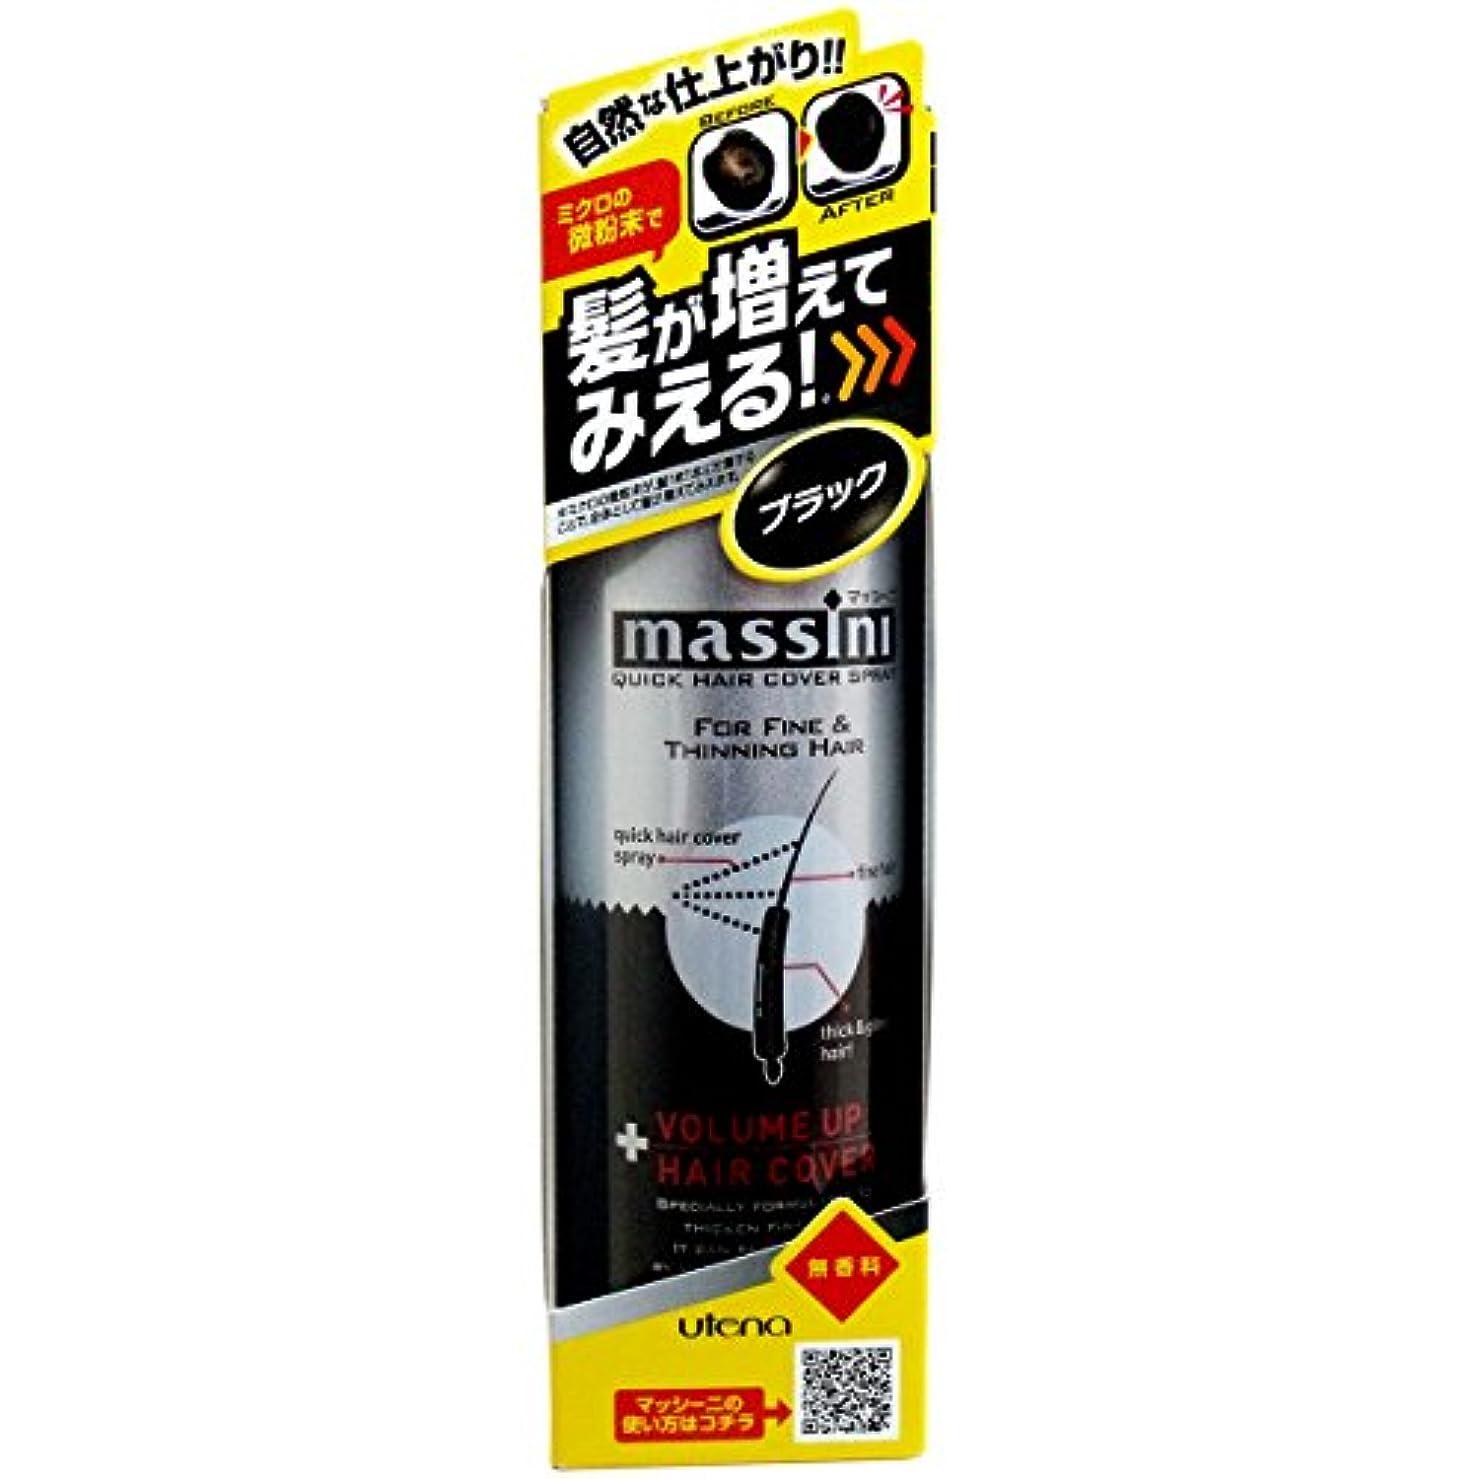 押す鮫無一文【ウテナ】マッシーニ クィックヘアカバースプレー(ブラック) 140g ×3個セット